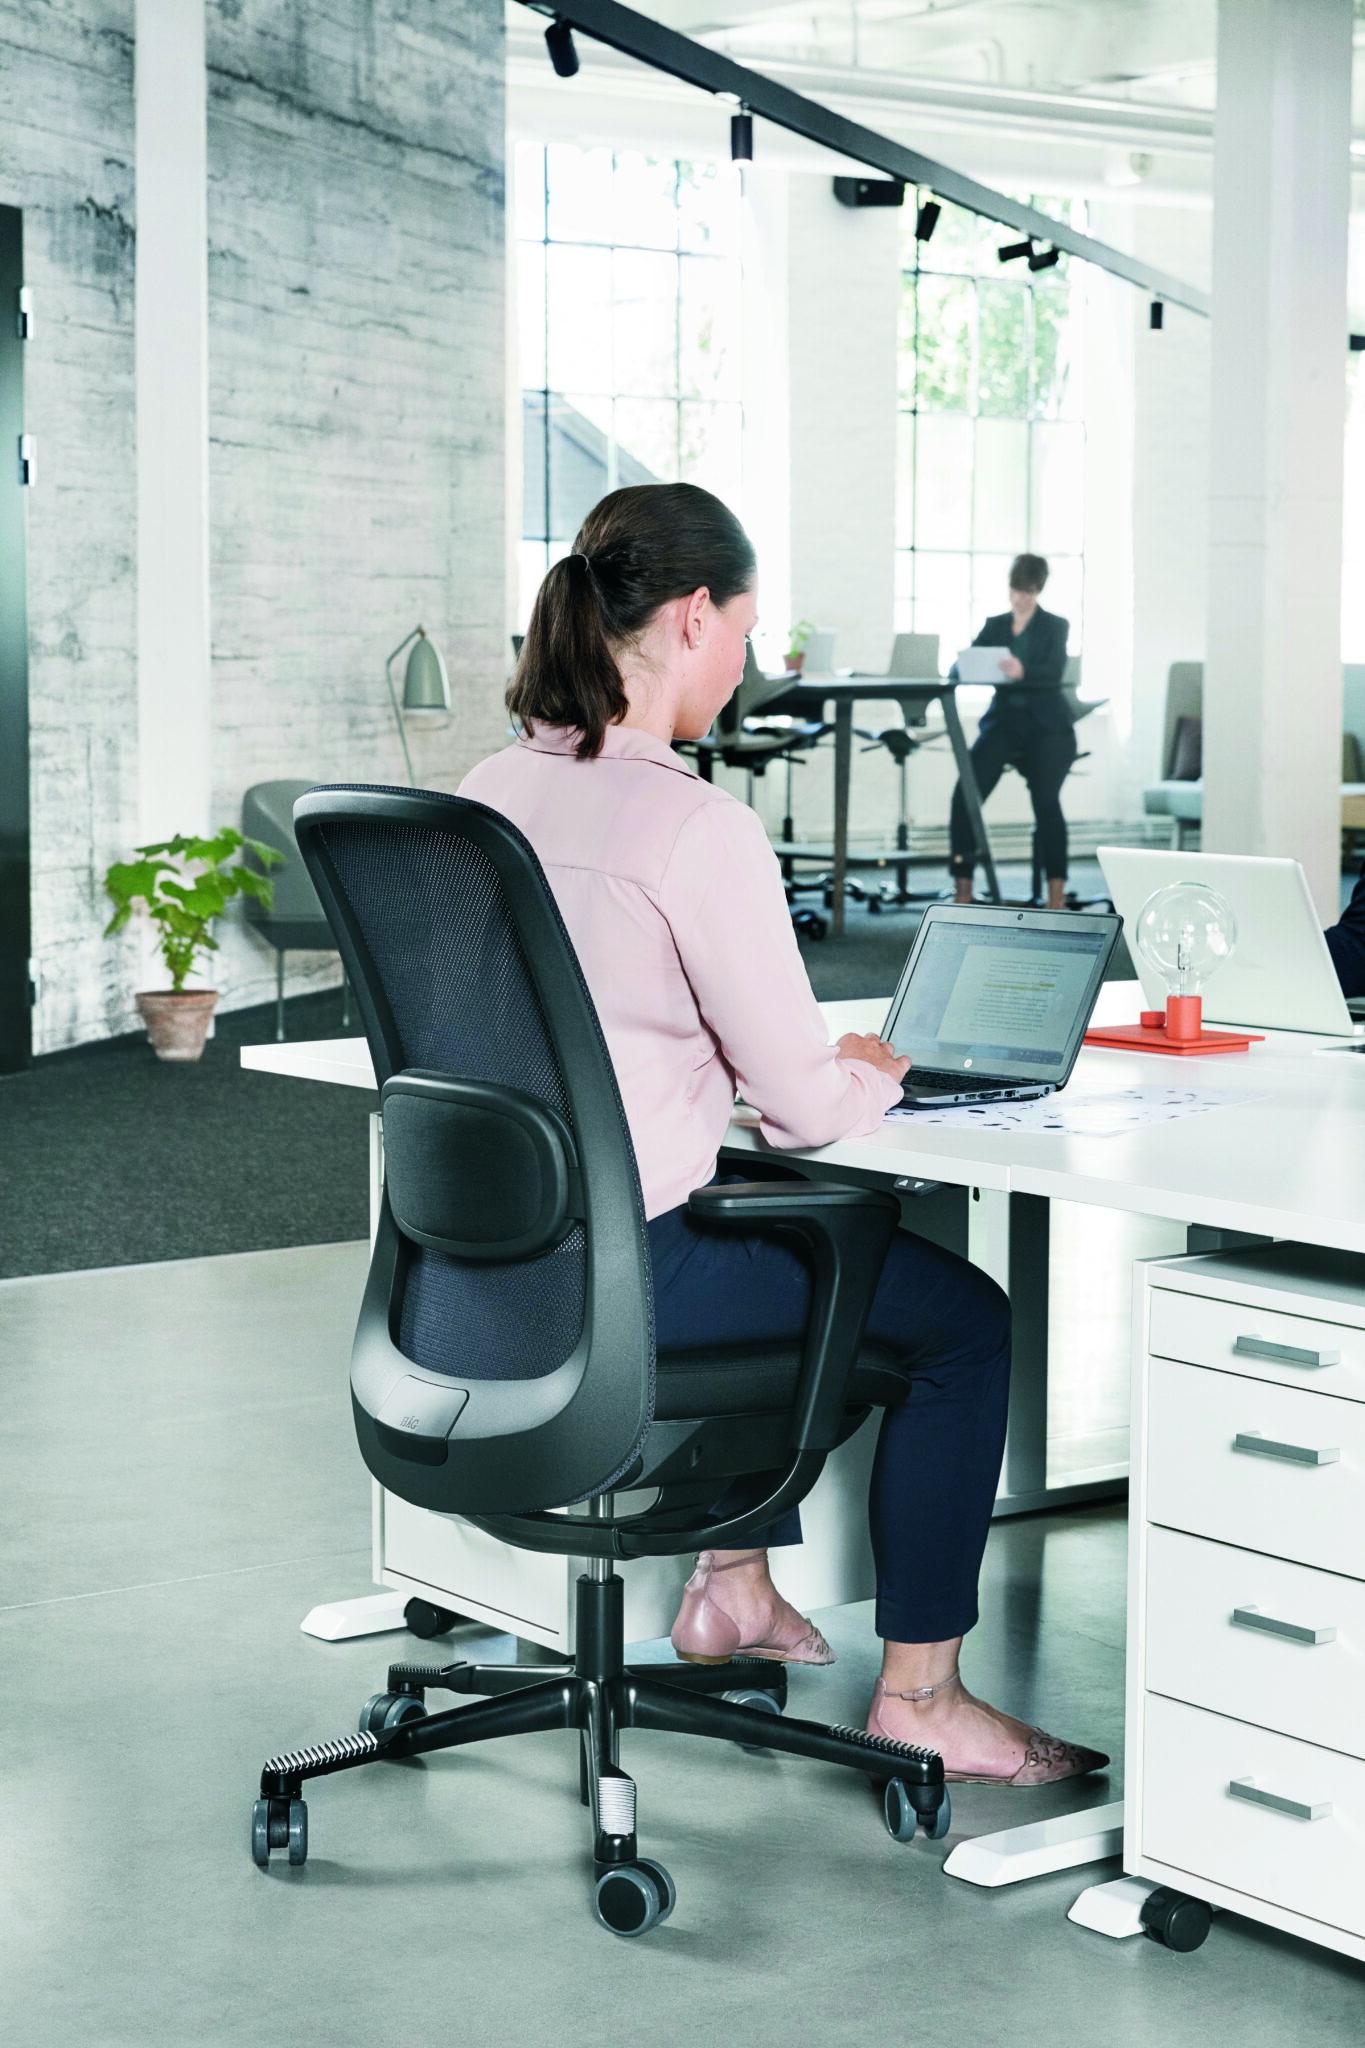 HAG kantoormeubilair ergonomie Den Haag Heering Office